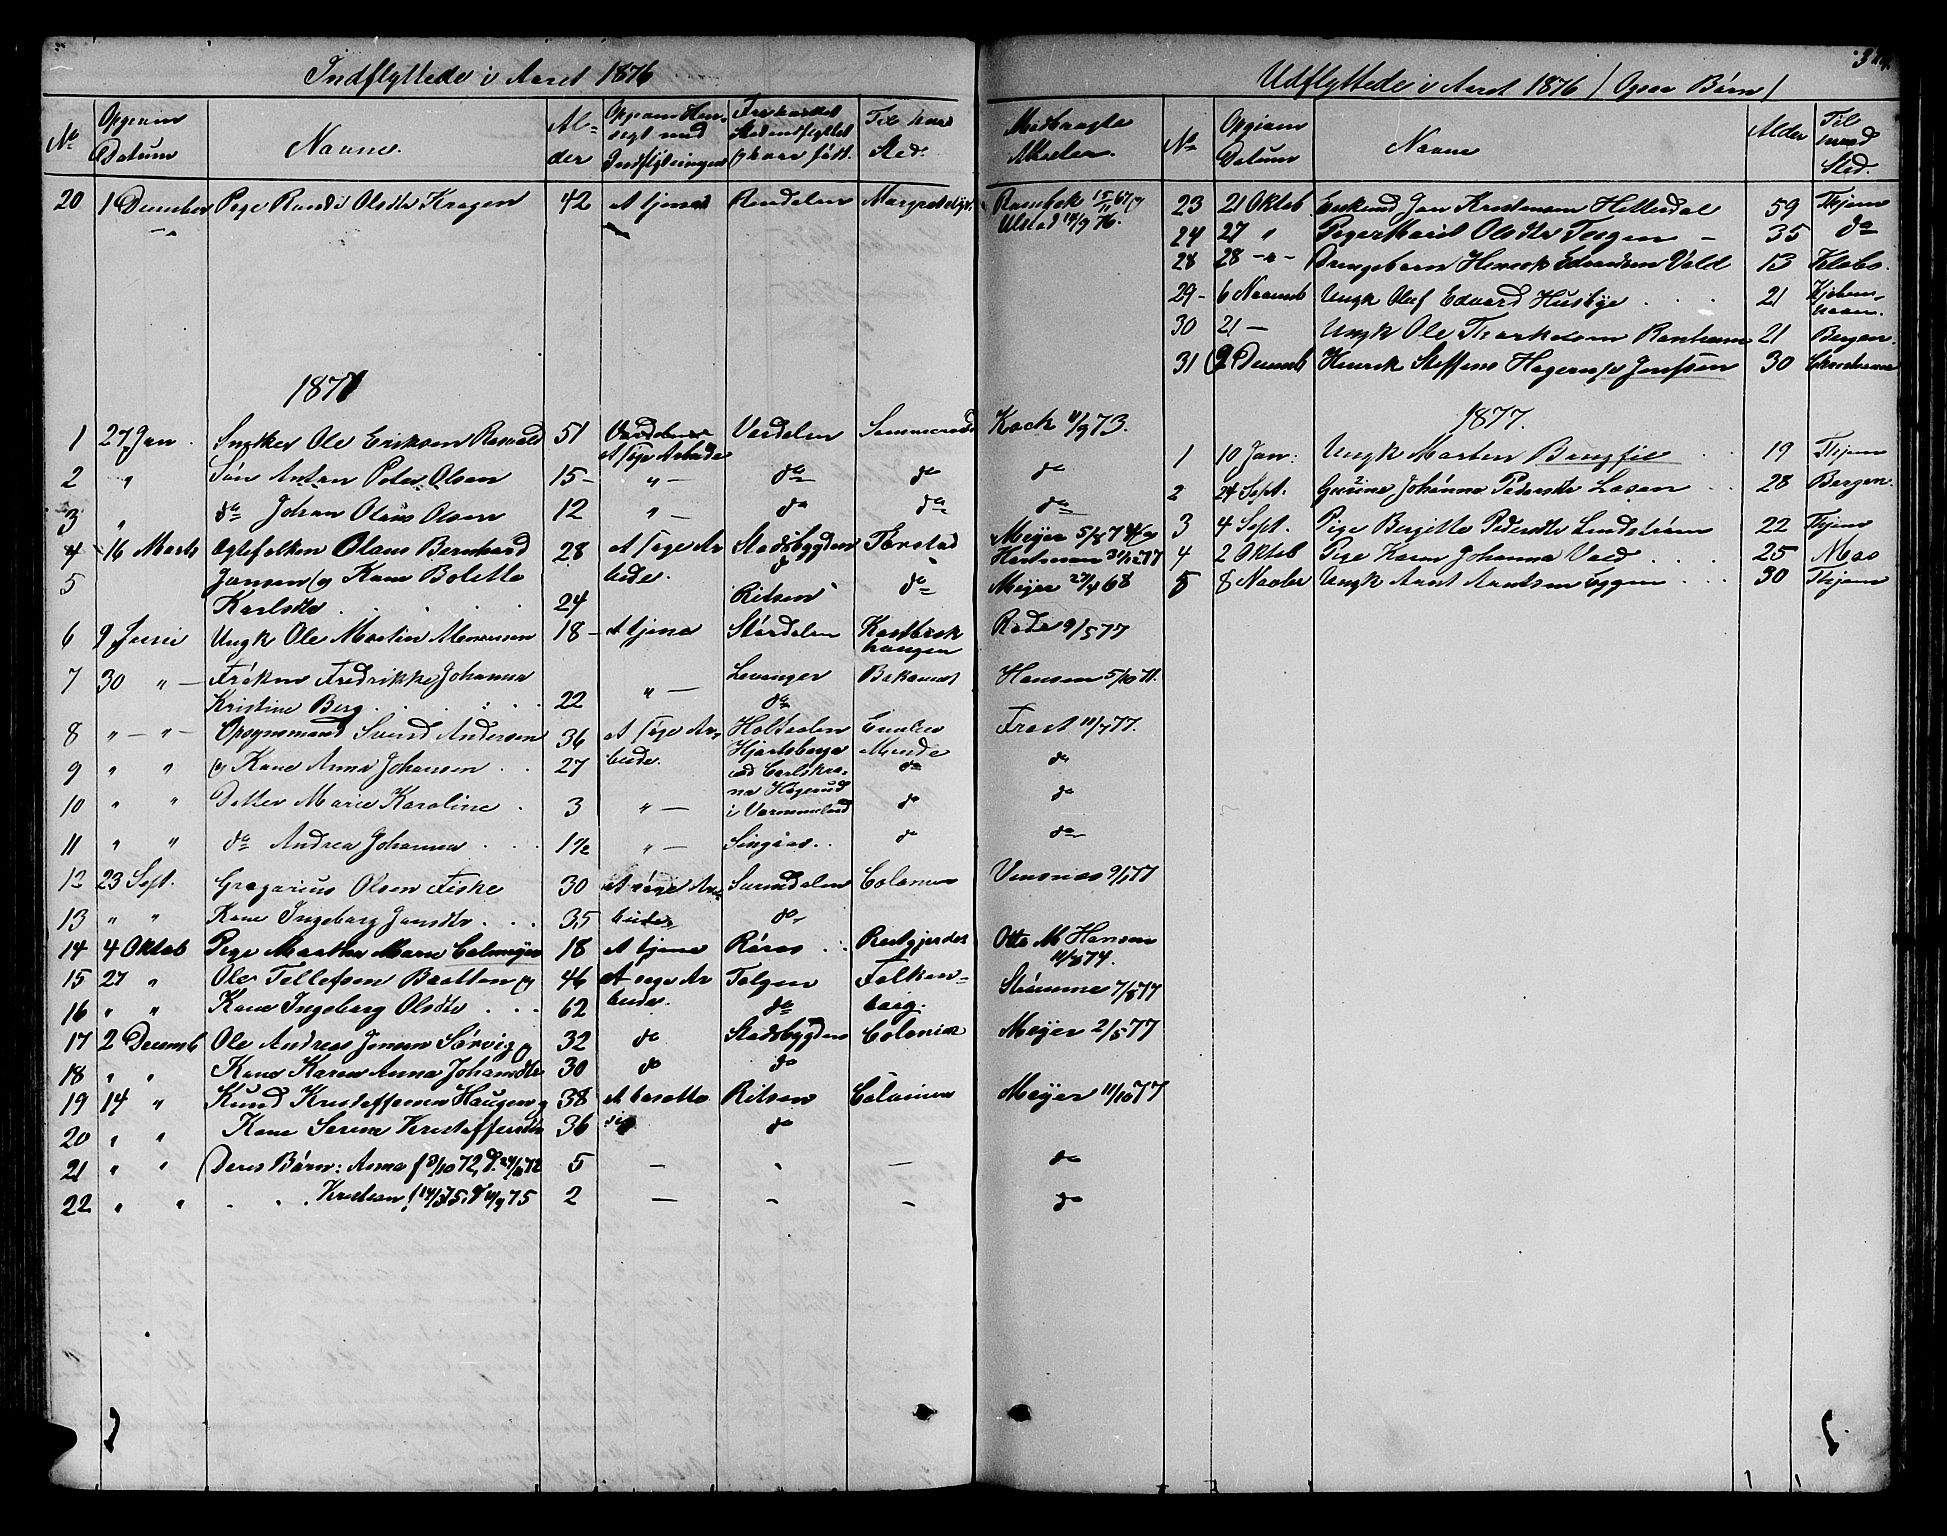 SAT, Ministerialprotokoller, klokkerbøker og fødselsregistre - Sør-Trøndelag, 606/L0311: Klokkerbok nr. 606C07, 1860-1877, s. 324